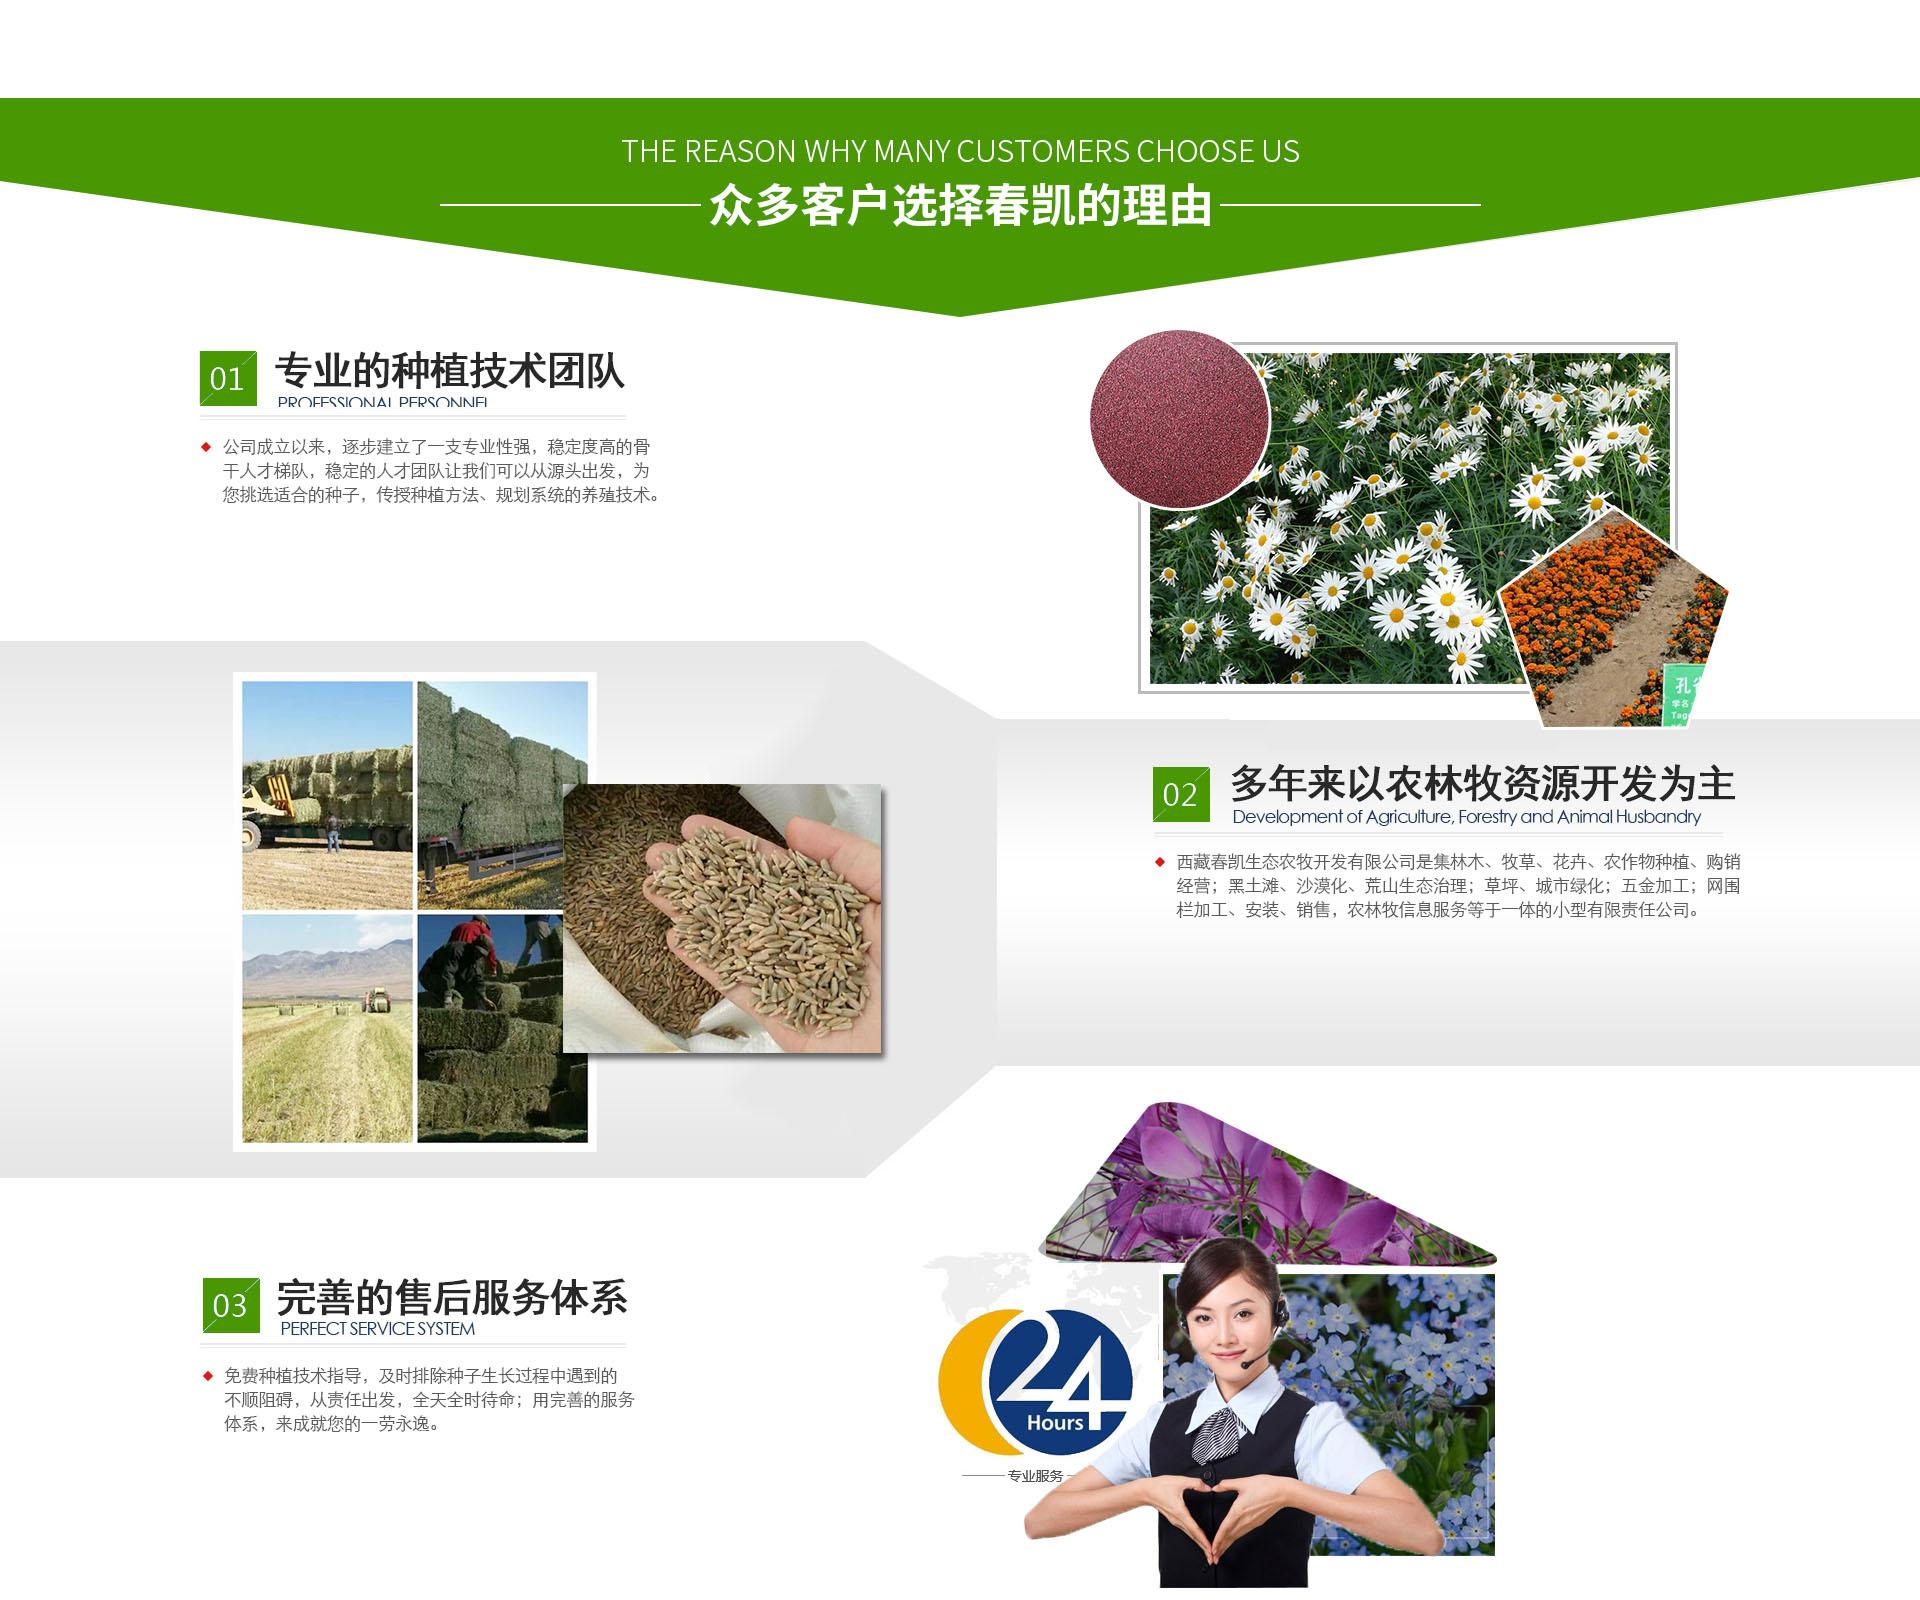 西藏生态农牧开发